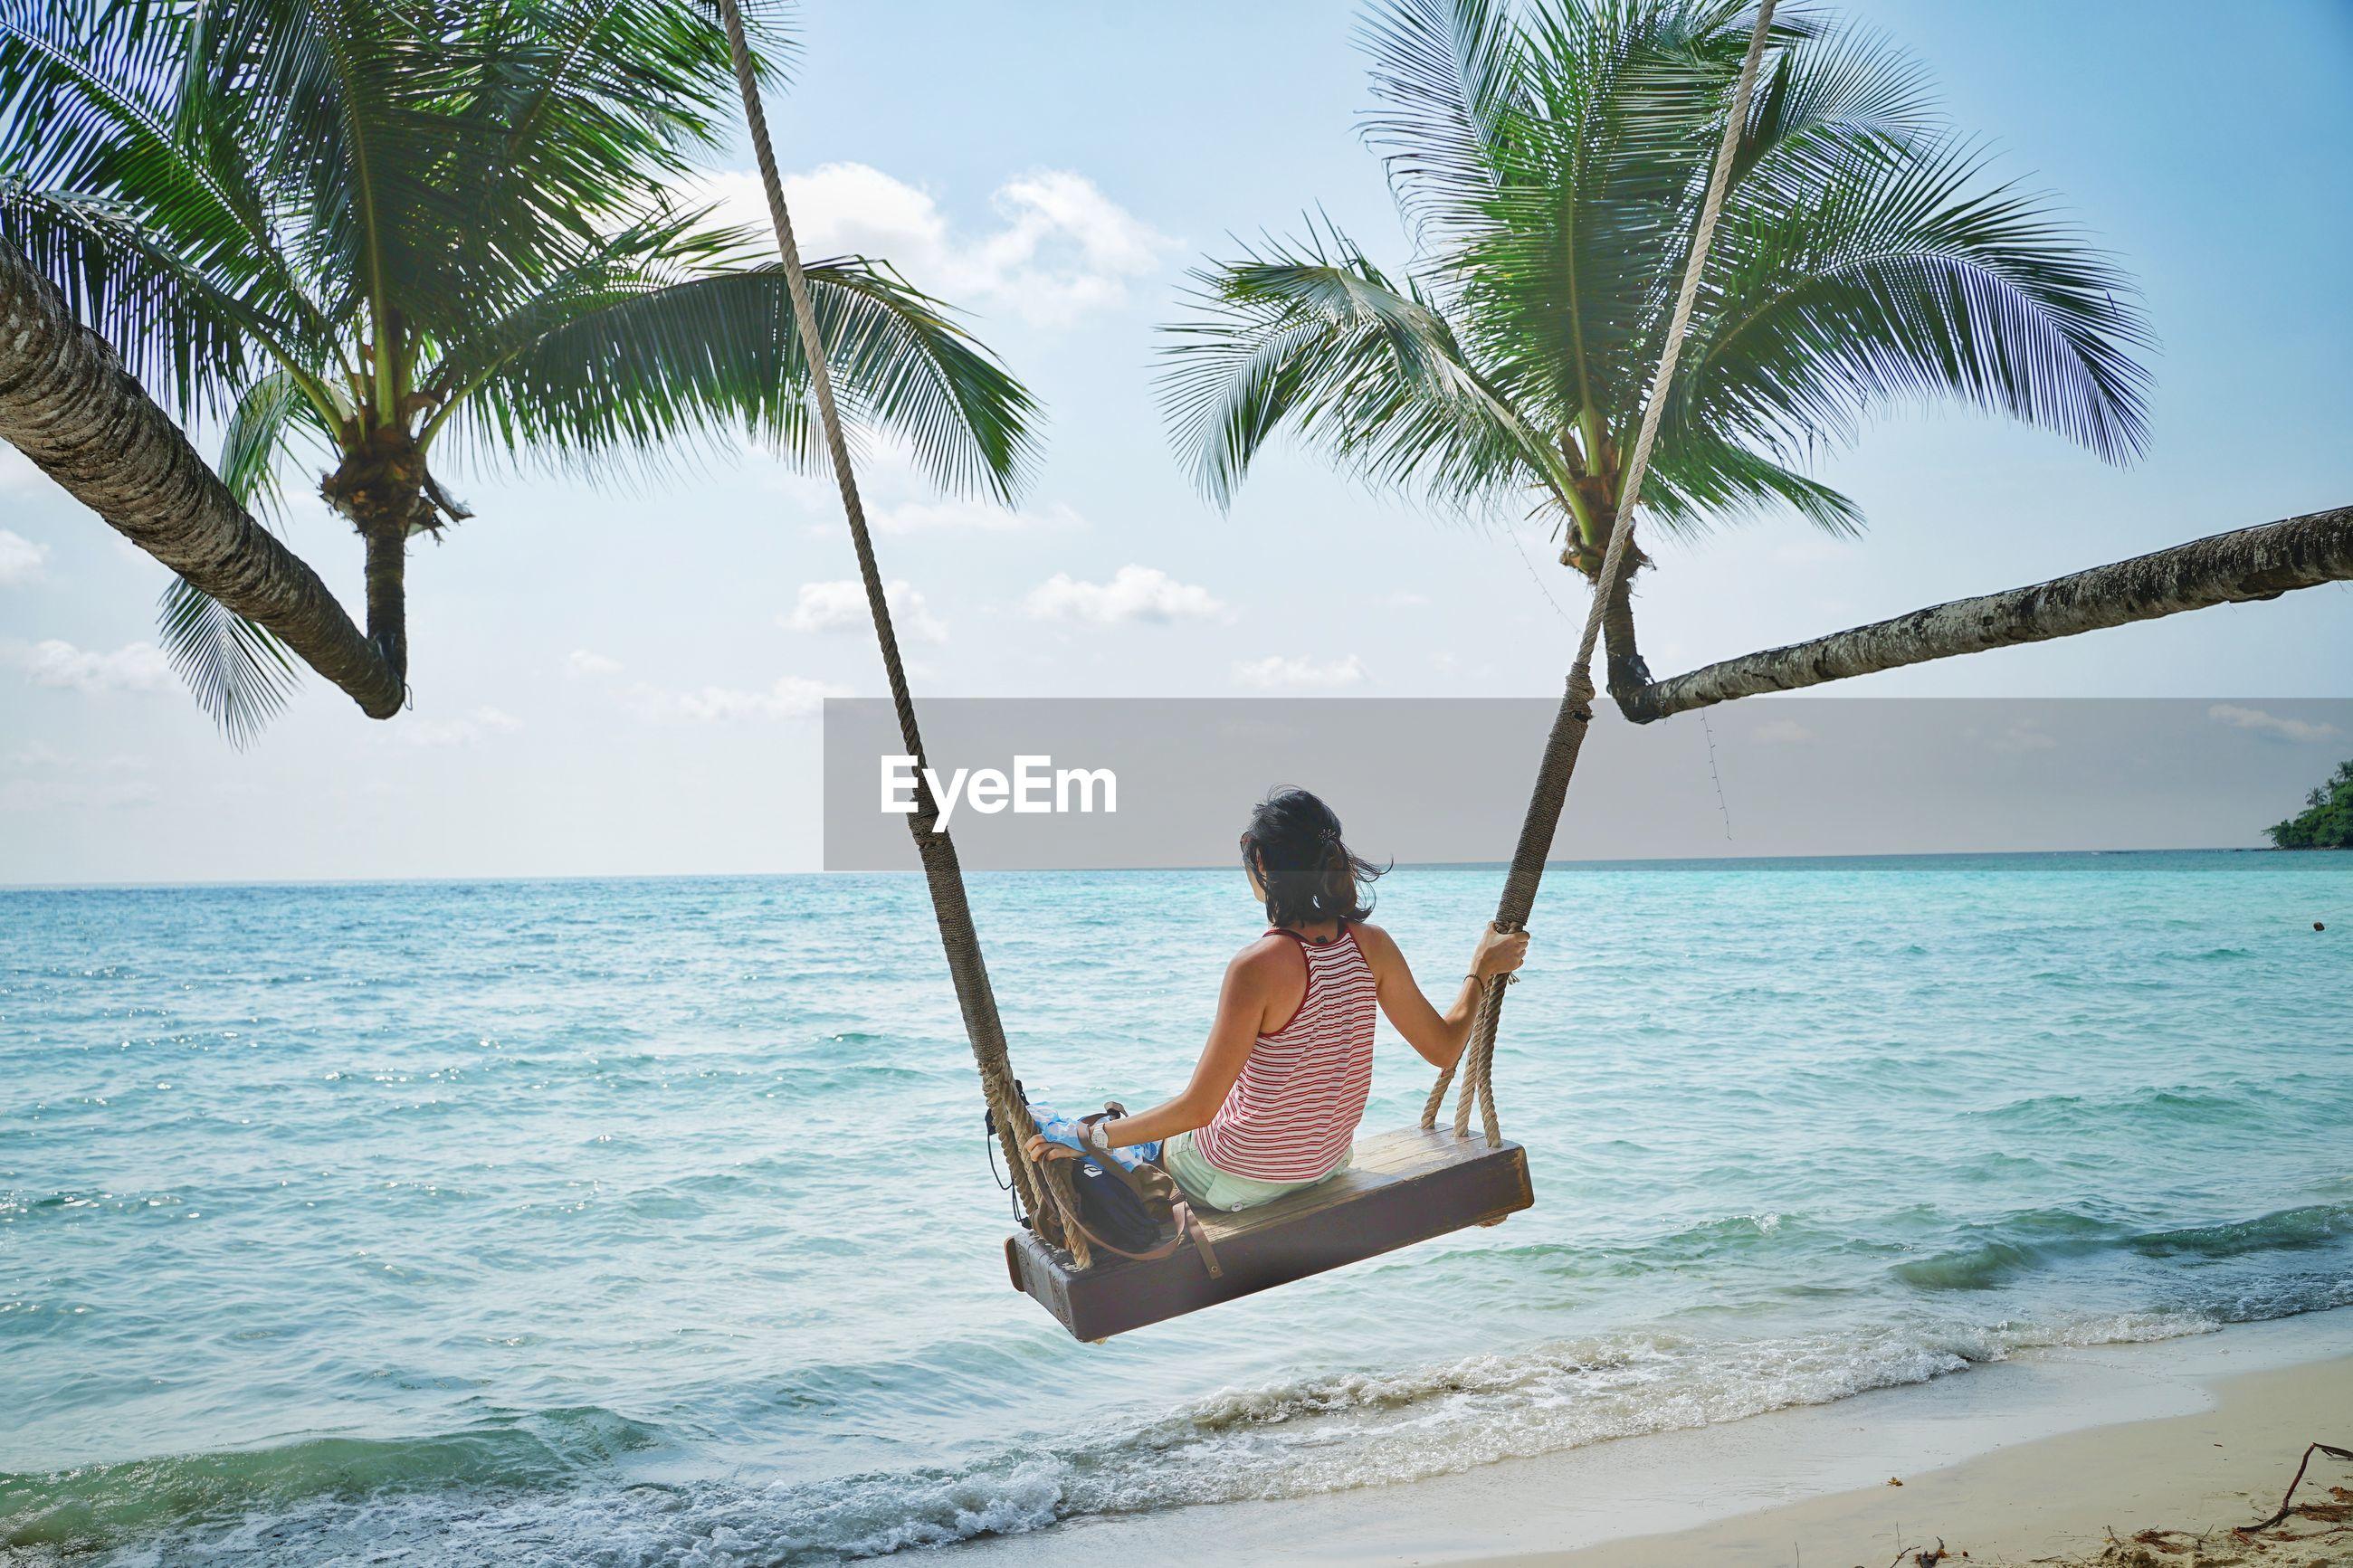 Coconut tree swing